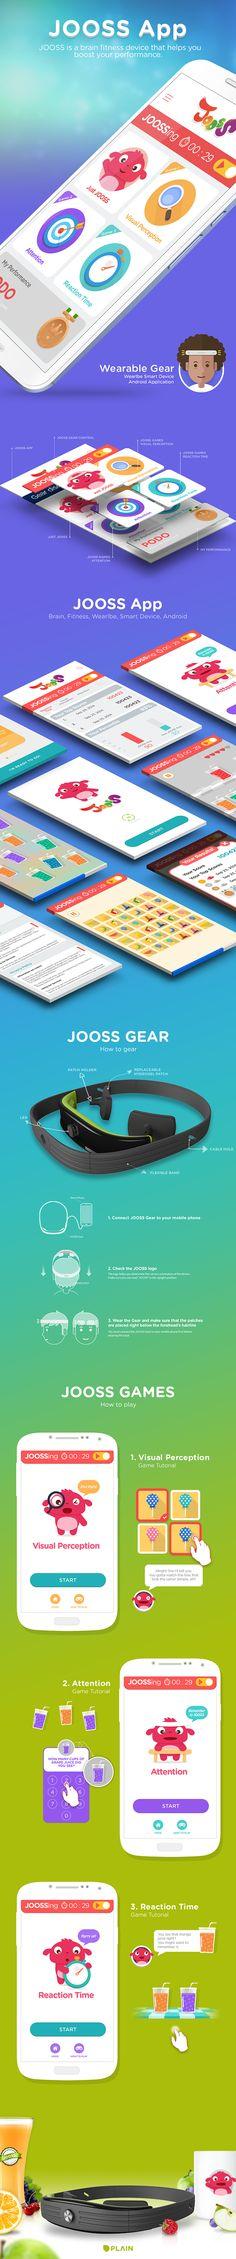 JOOSS App on Behance